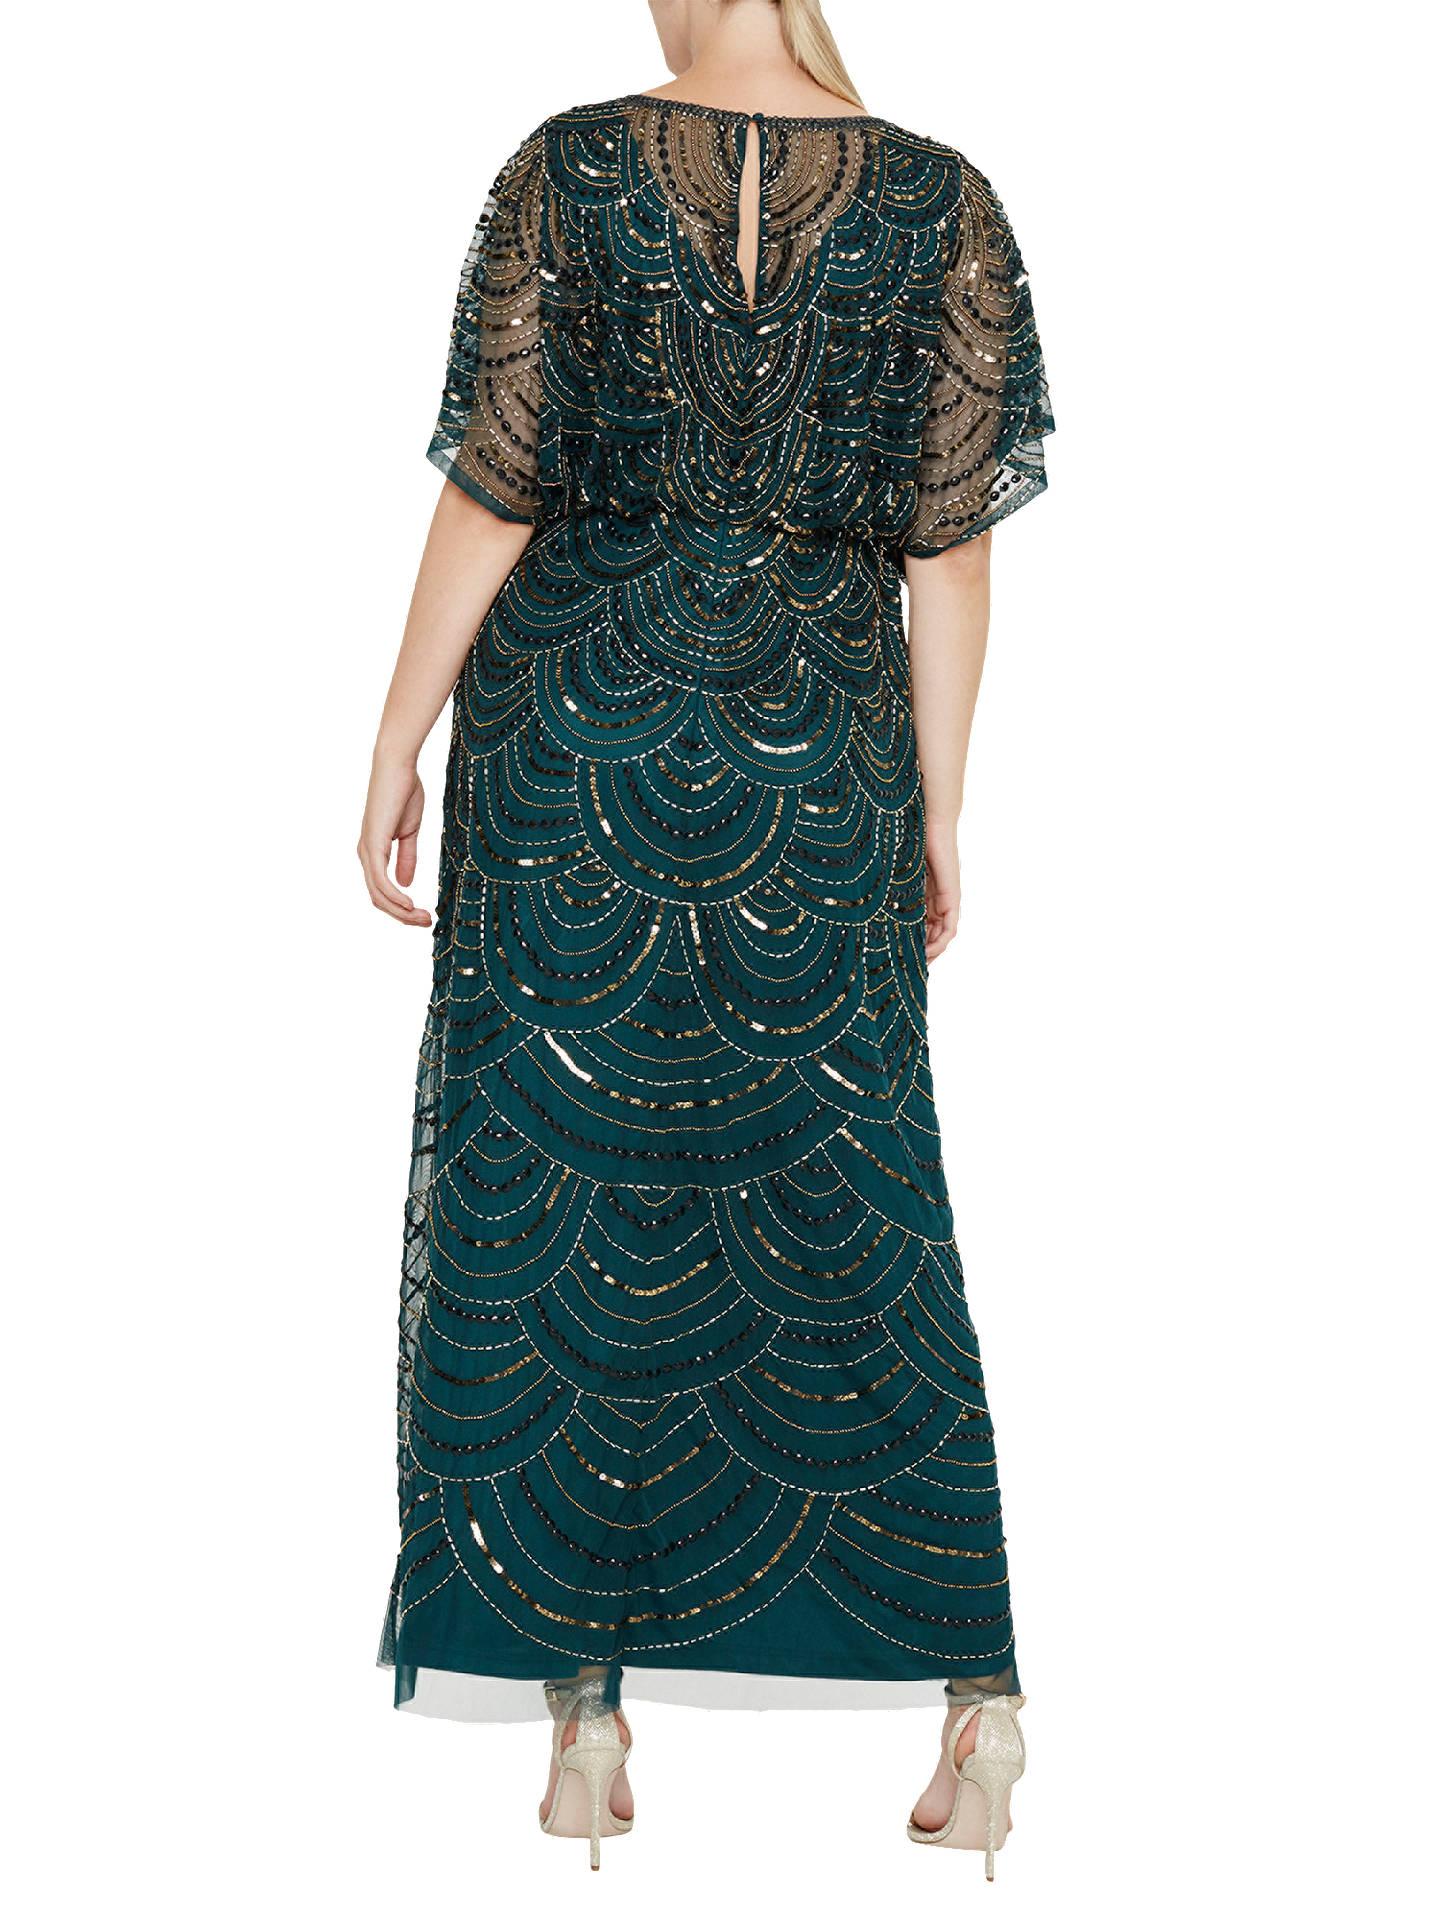 7367614f88fa3 ... BuyStudio 8 Jupiter Maxi Dress